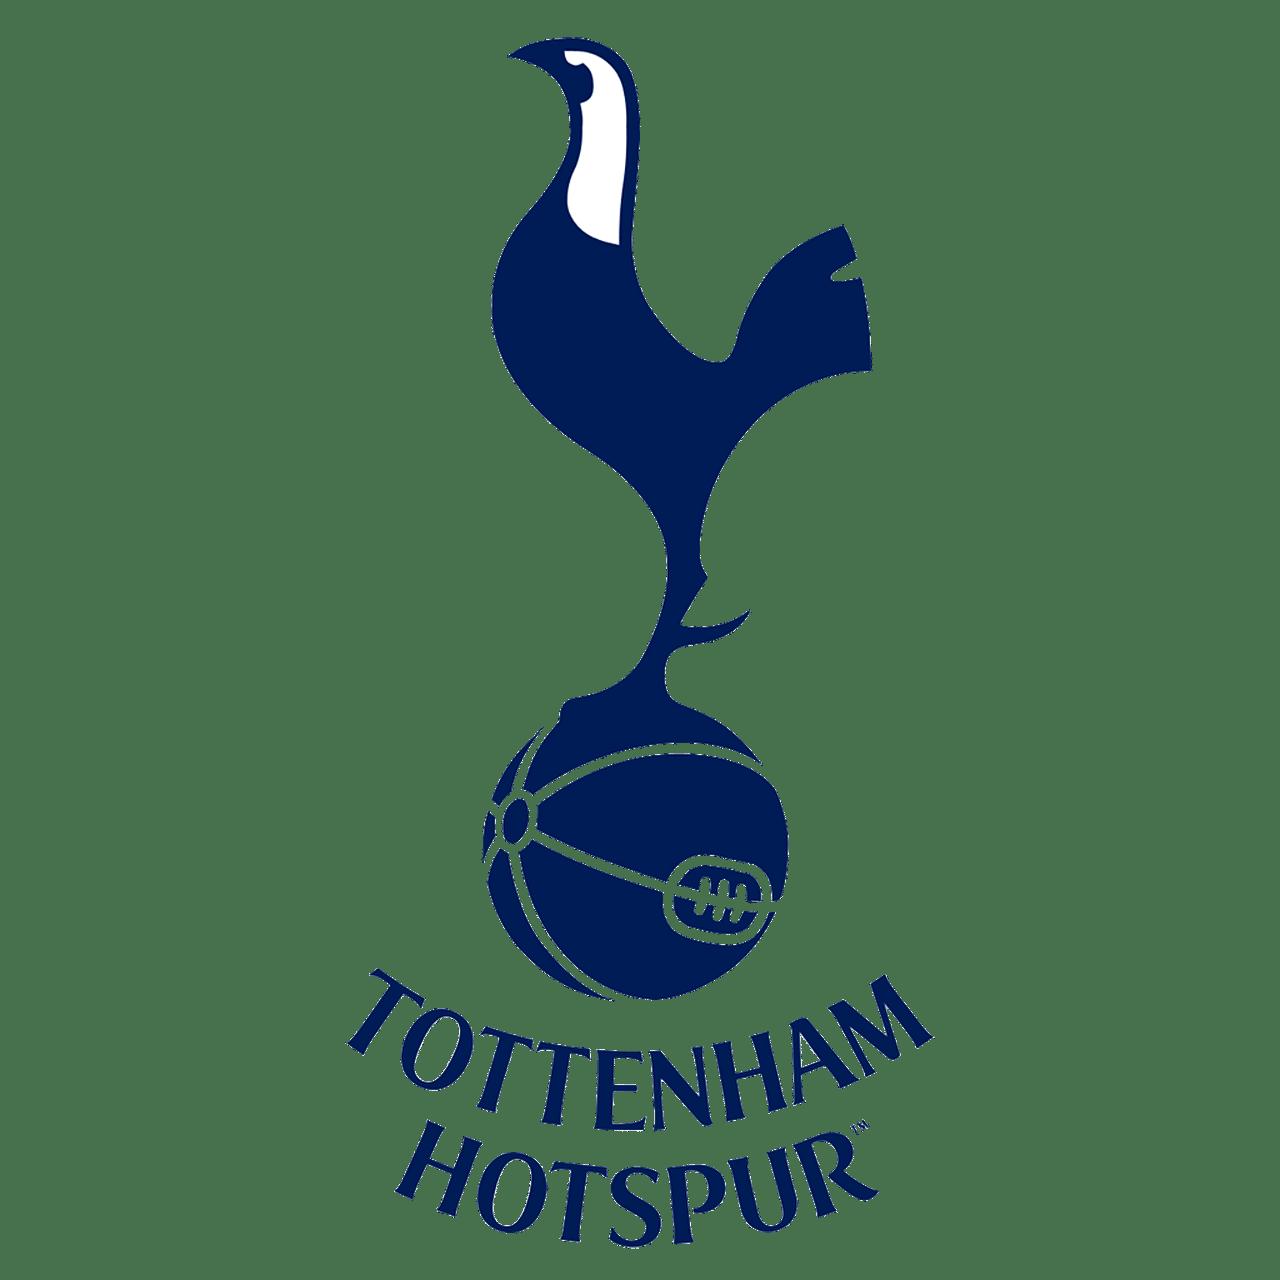 Epl Live Score 2020 21 Premier League Live Scores News Updates Results